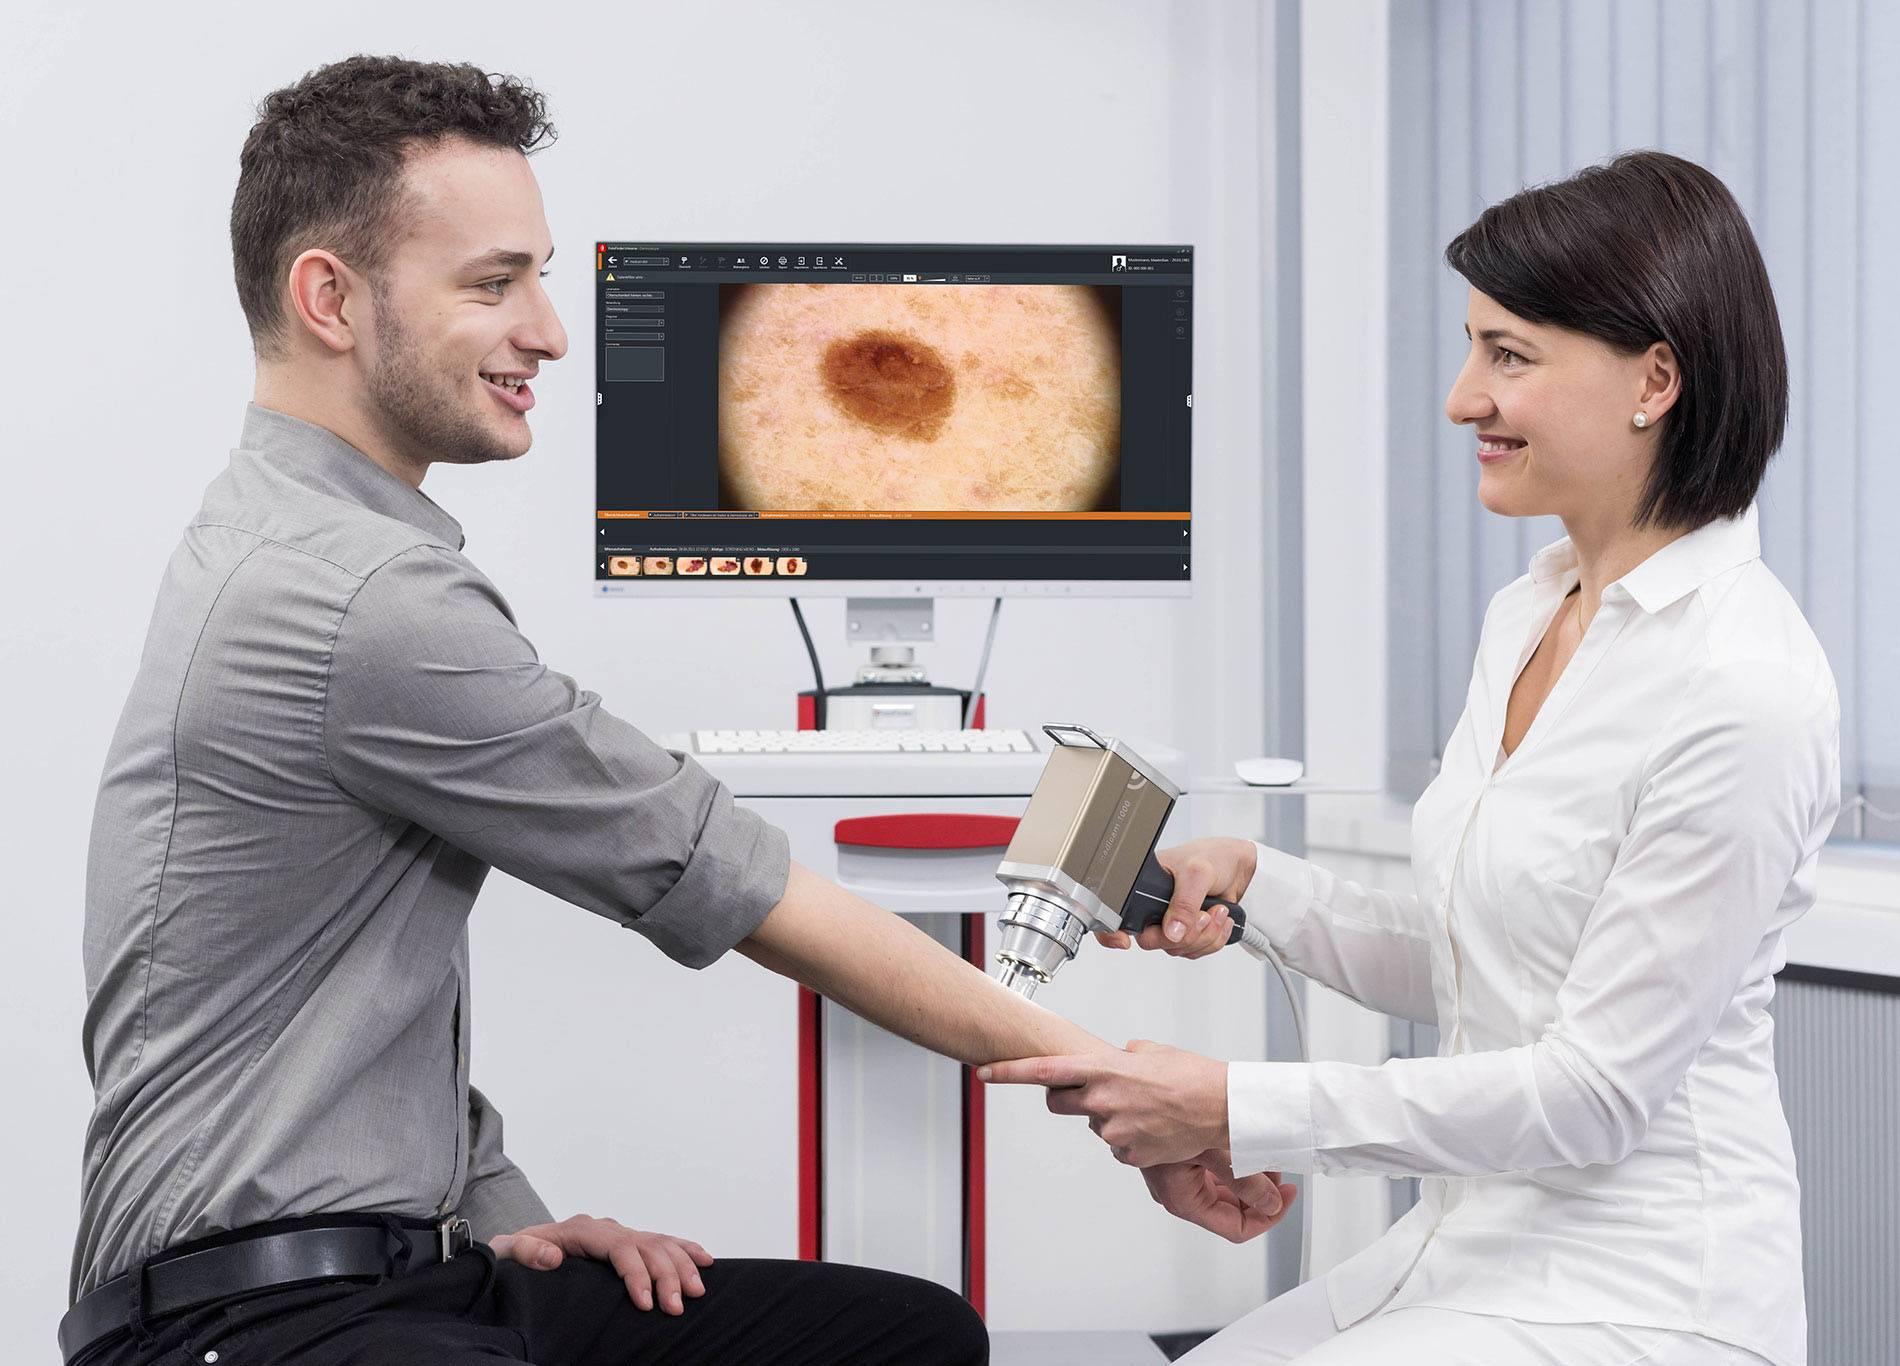 Лечение меланомы в германии: 7 клиник, проверенные отзывы пациентов, честные цены - hospitals-travel.ru